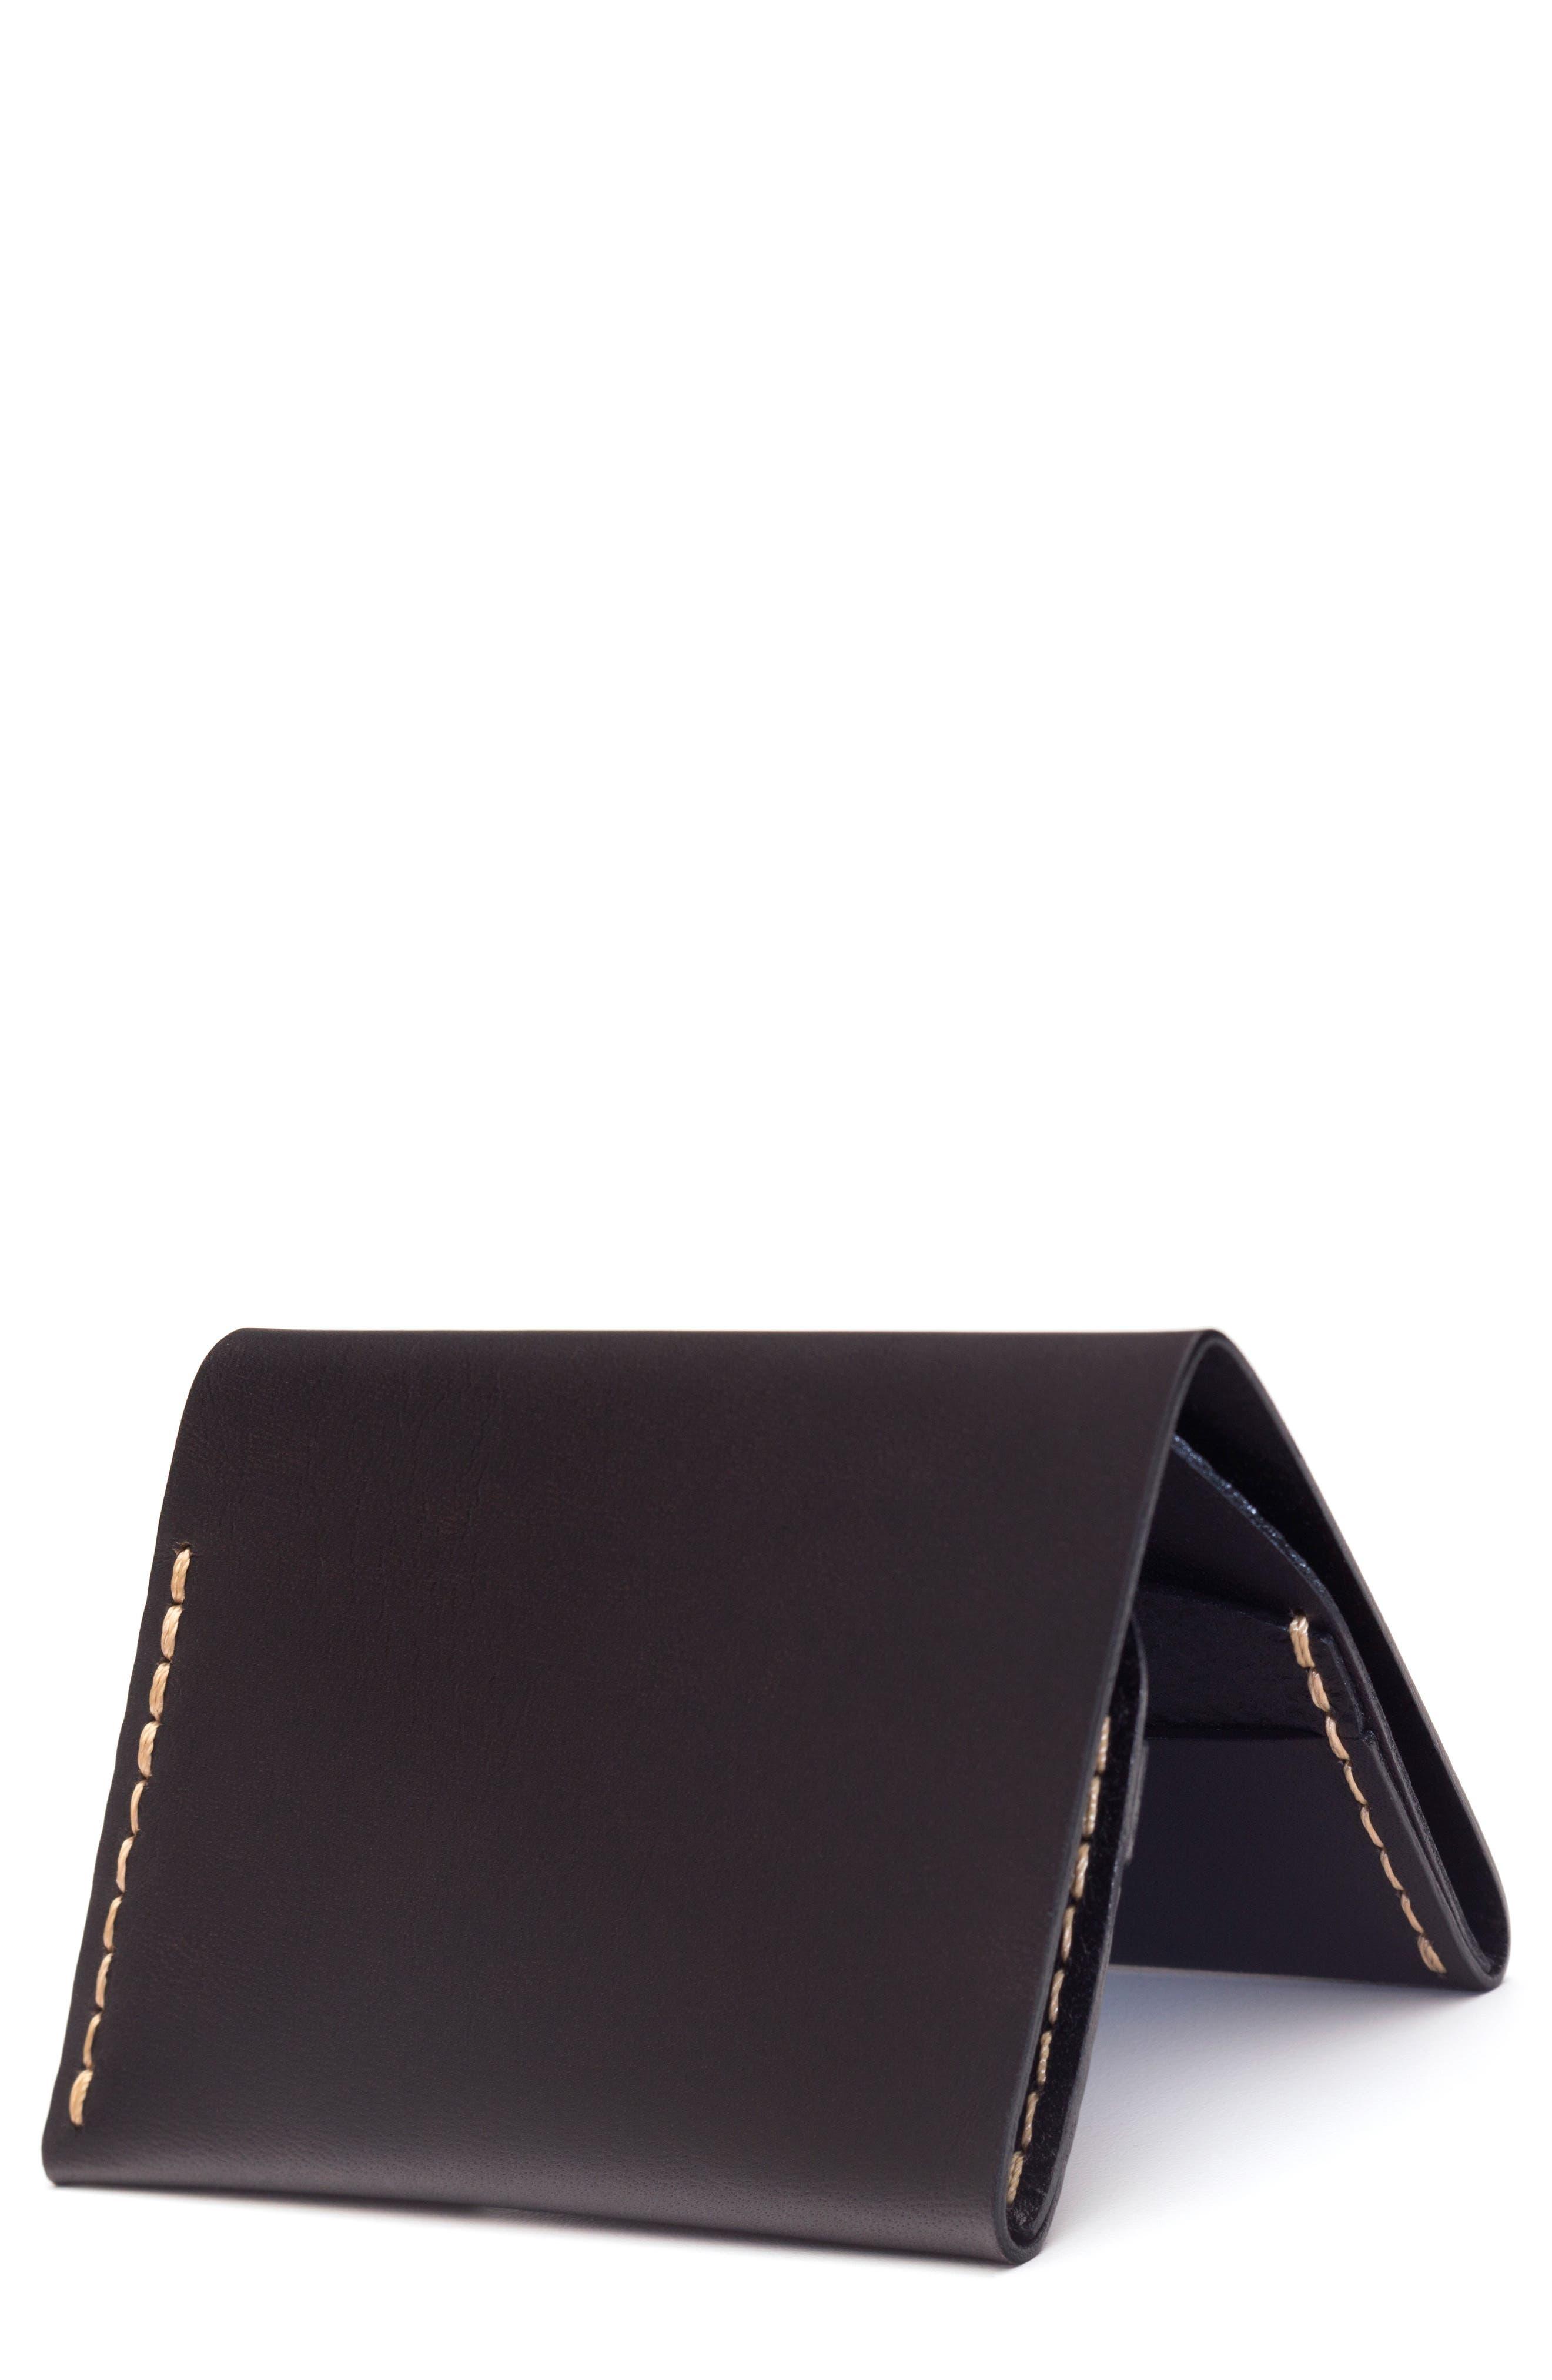 EZRA ARTHUR No. 4 Leather Wallet, Main, color, JET TOP STITCH